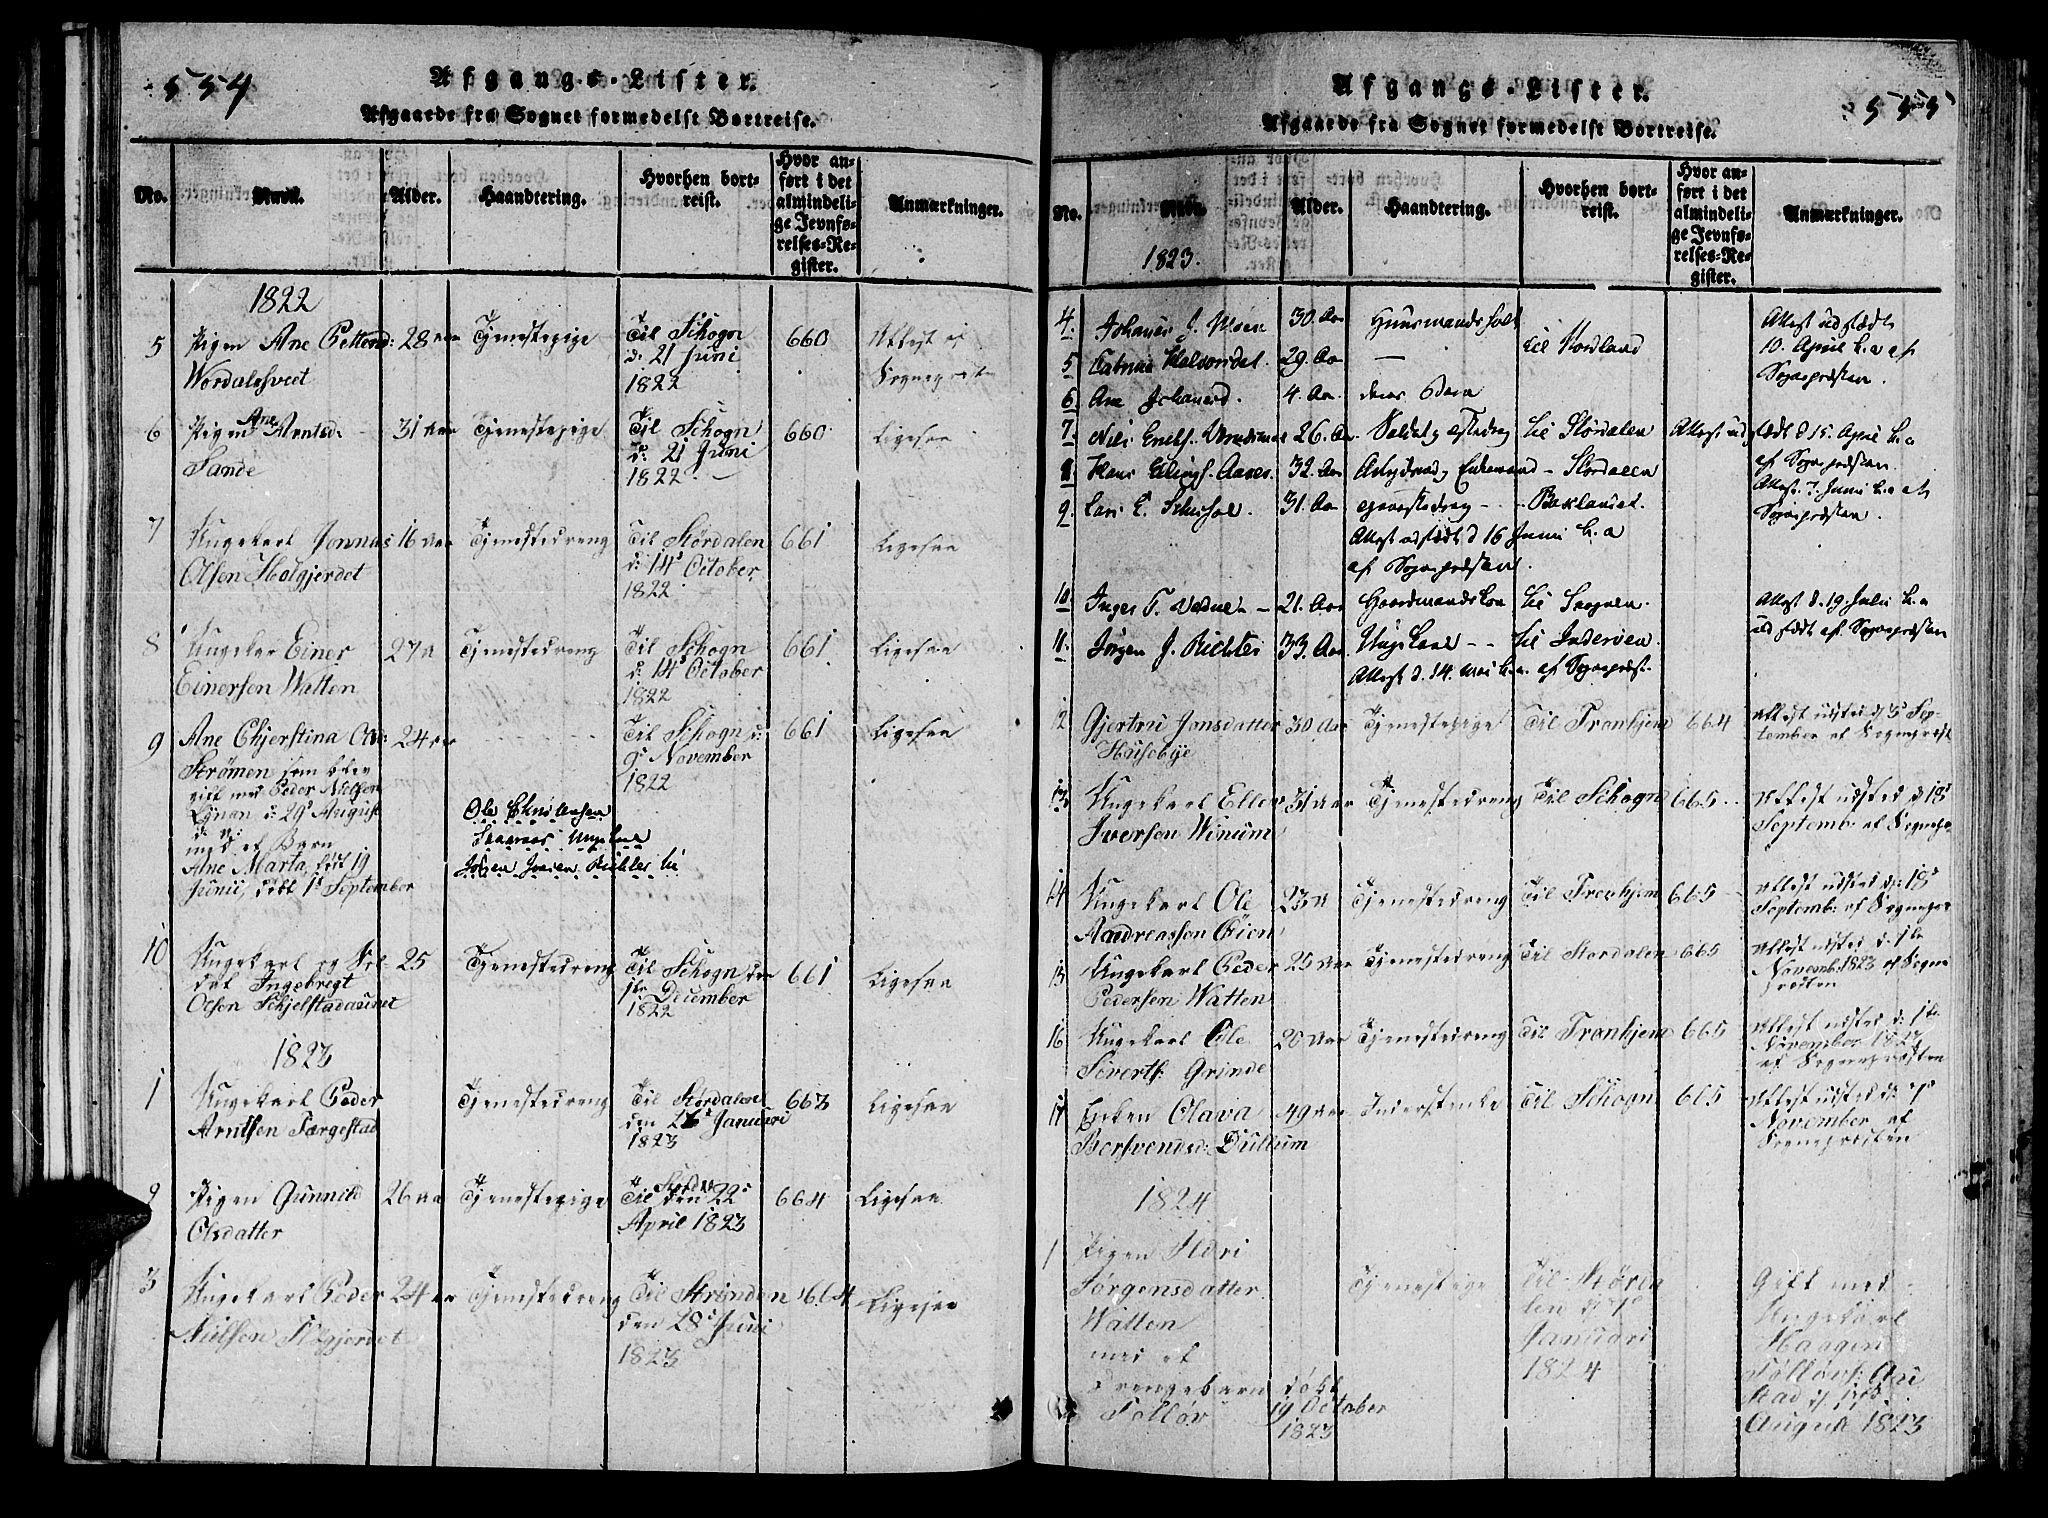 SAT, Ministerialprotokoller, klokkerbøker og fødselsregistre - Nord-Trøndelag, 714/L0132: Klokkerbok nr. 714C01, 1817-1824, s. 554-555